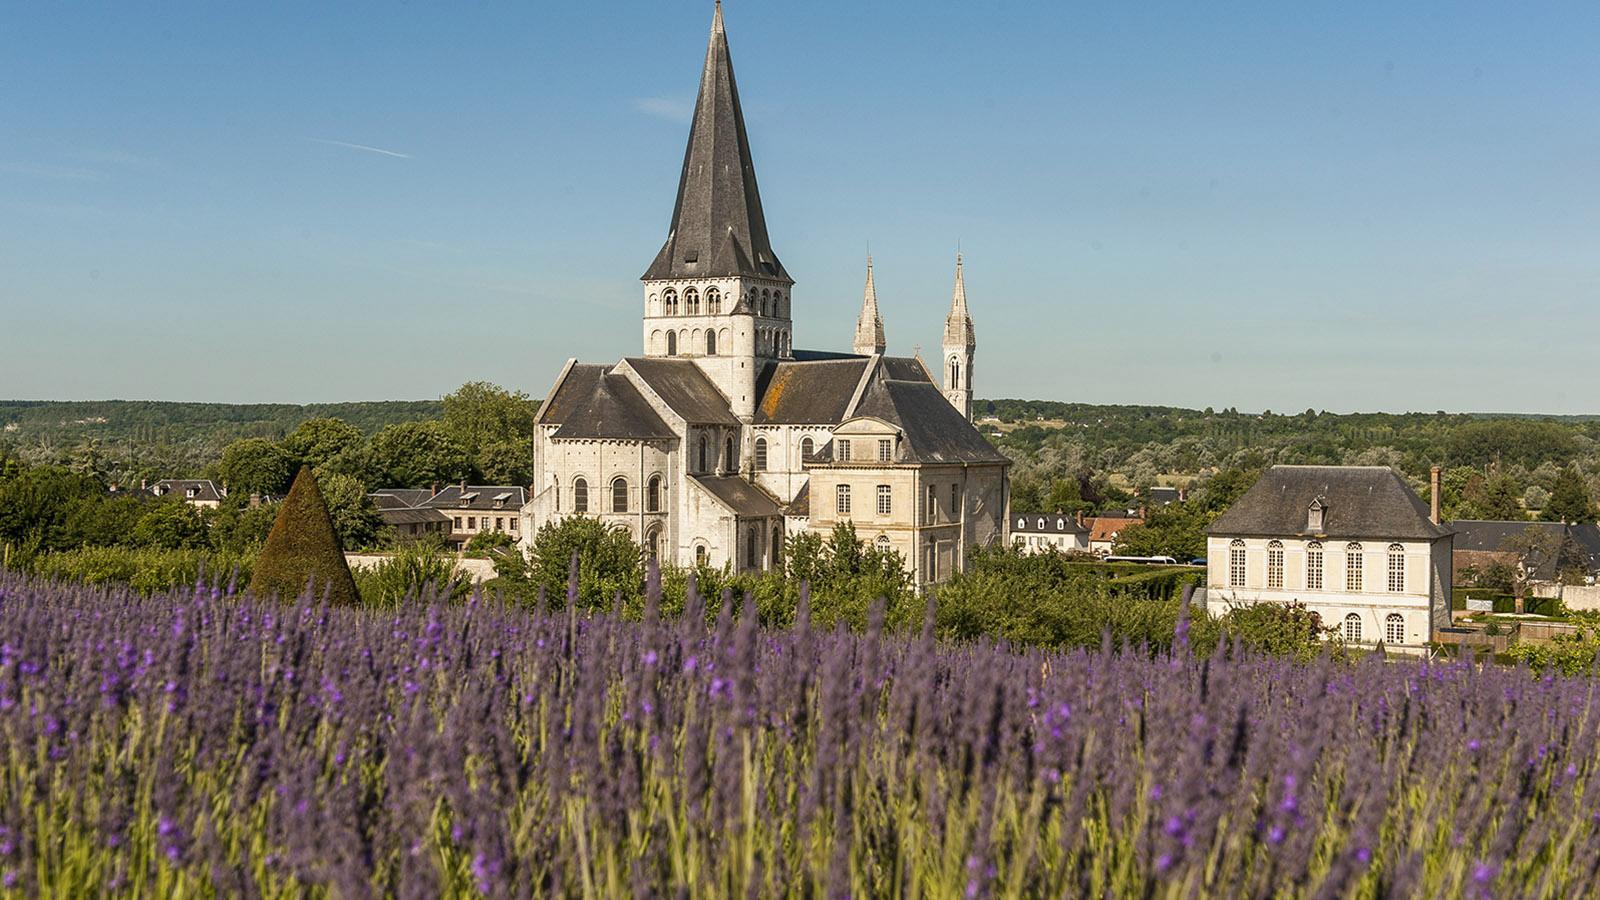 Im Juli blüht der Lavendel im Klostergarten von Saint-Martin-de-Boscherville... in der Normandie! Foto: Hilke Maunder